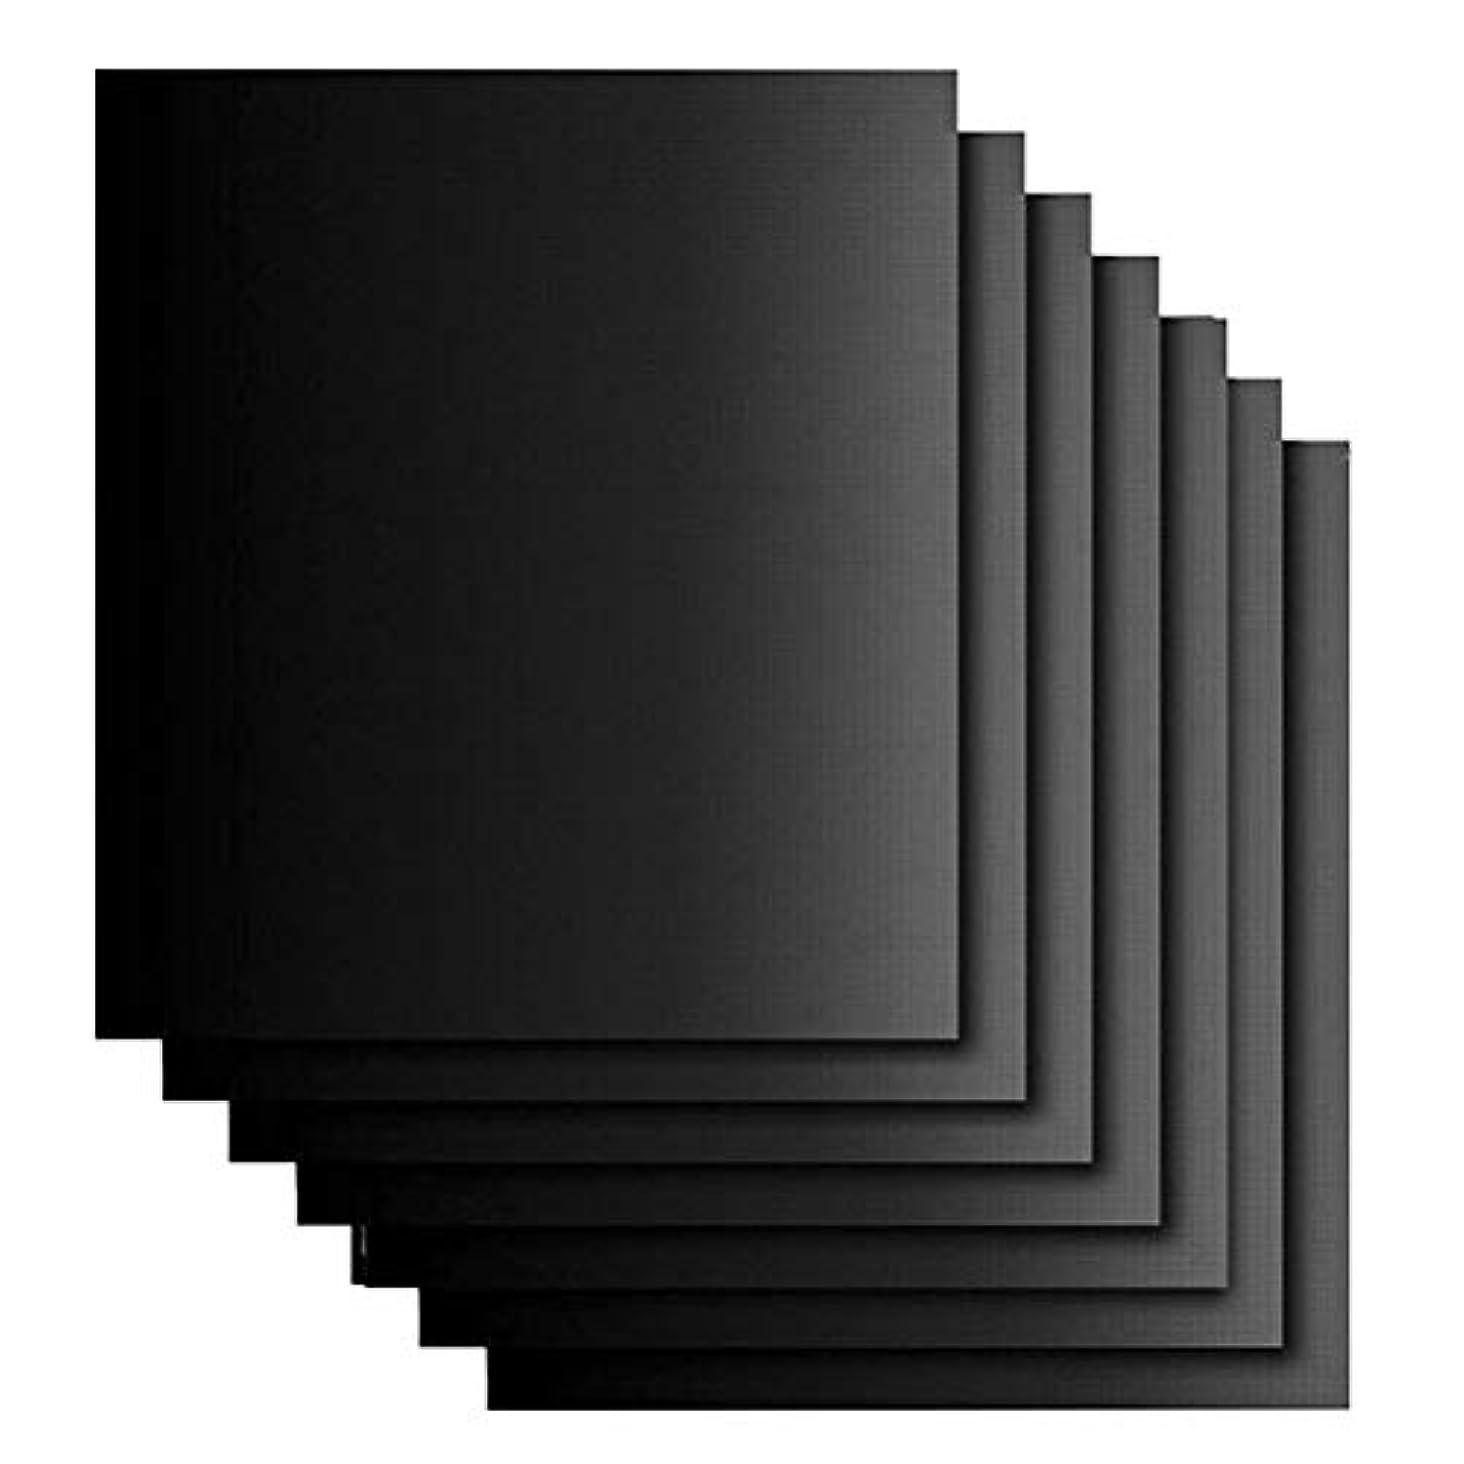 騒乱学校教育ありそうOUNONA 7枚セット BBQグリルマット バーベキュー BBQグリルシート耐熱 繰り返し使え bbq網 鉄板用 電子レンジを対応 クッキングツール クッキング用品(黒)